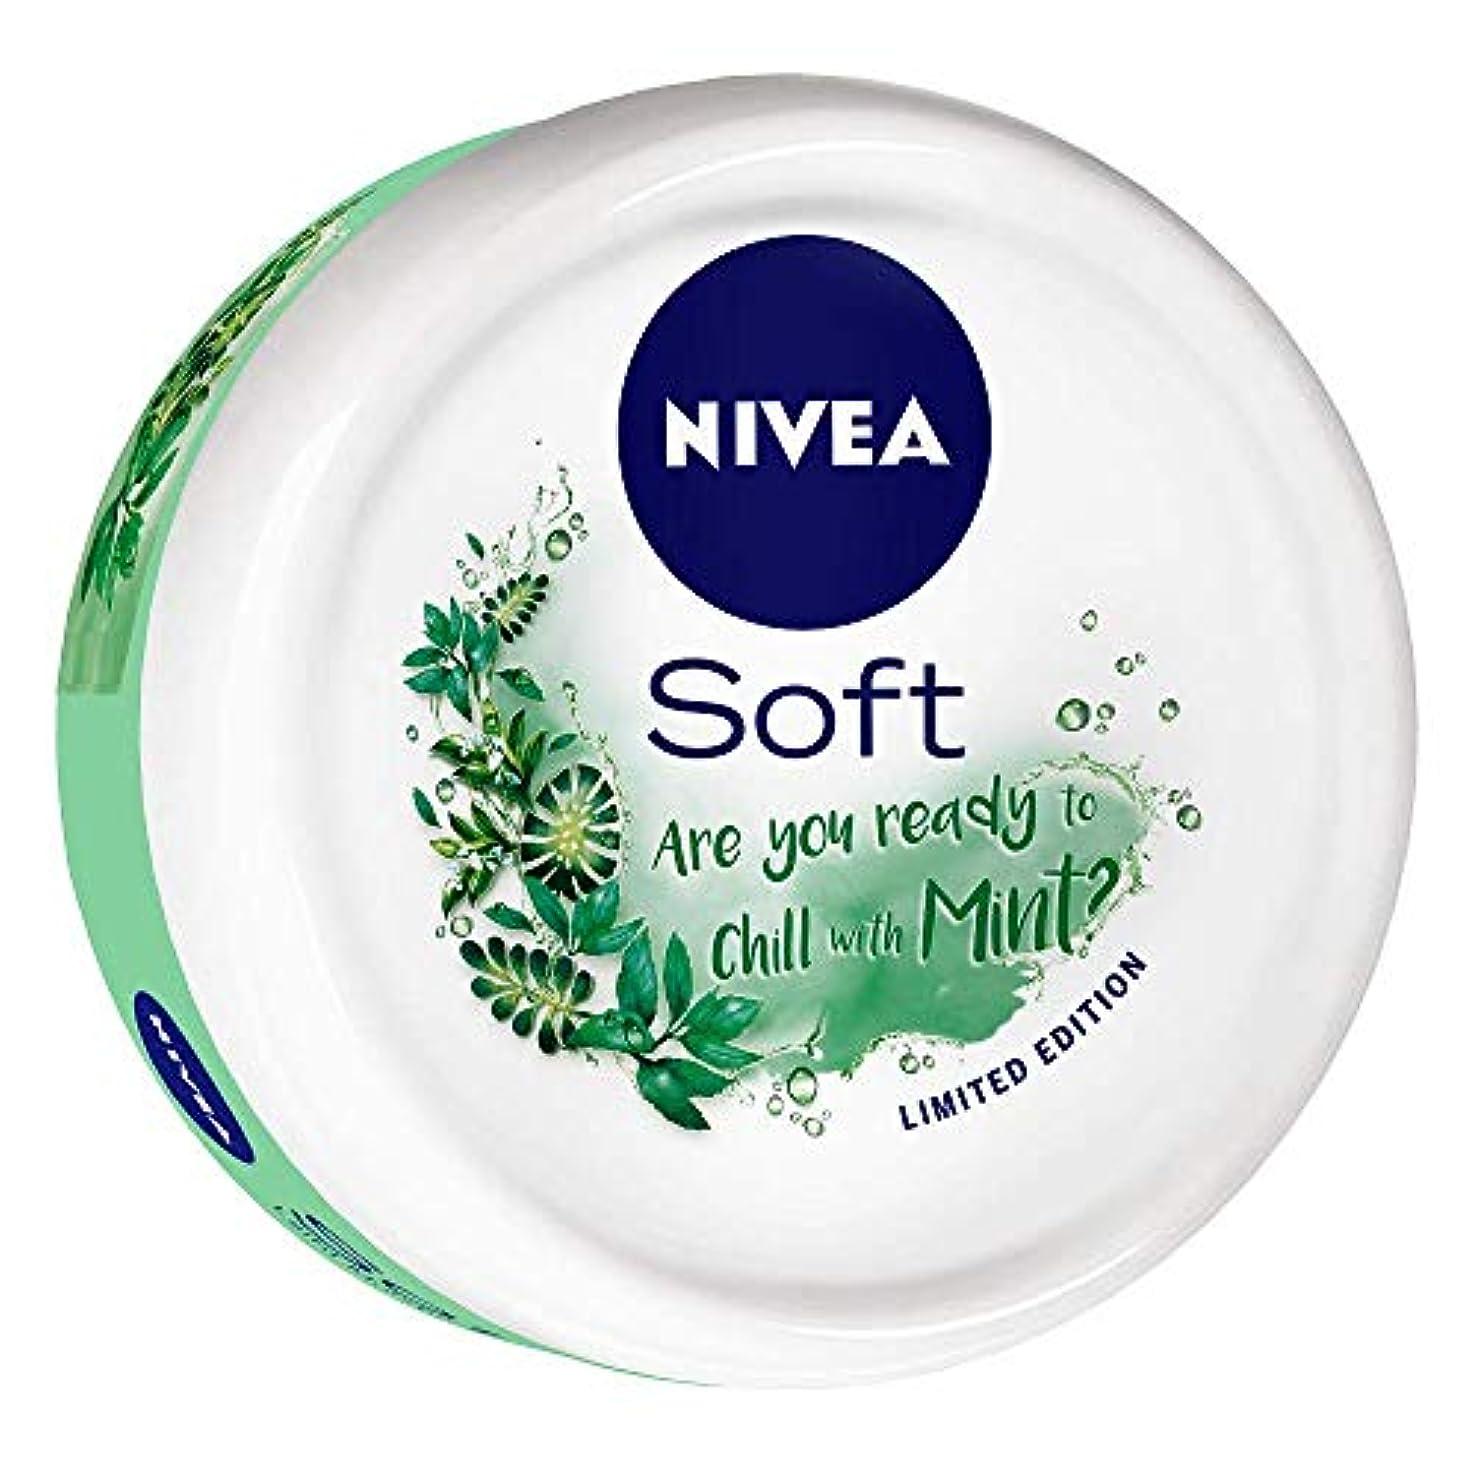 絶壁ハリケーン無実NIVEA Soft Light Moisturizer Chilled Mint With Vitamin E & Jojoba Oil, 200 ml